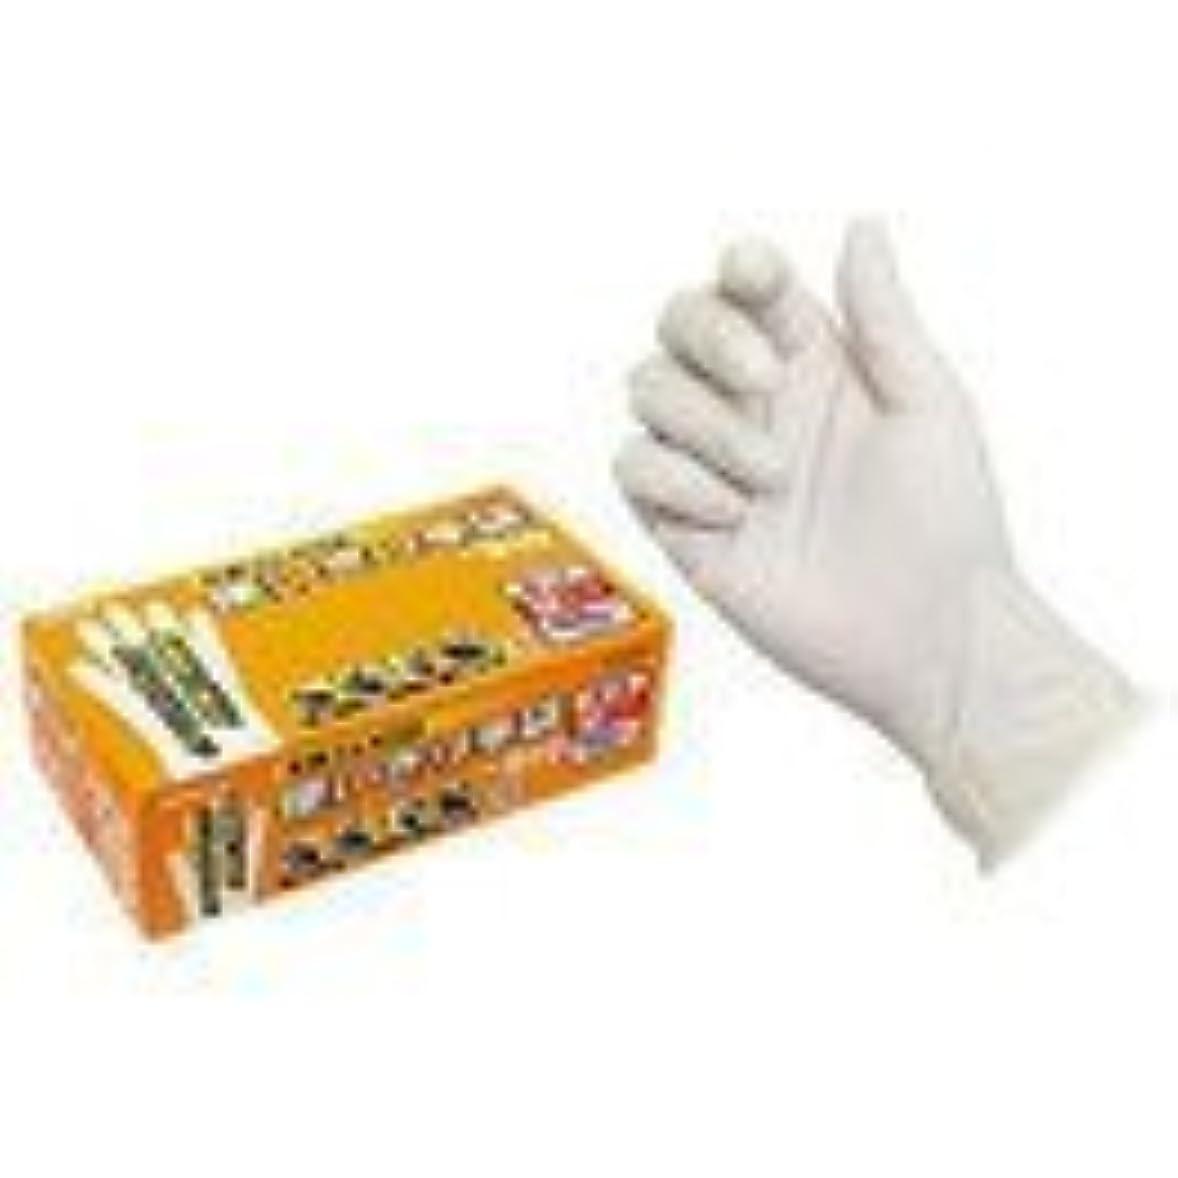 行商人気絶させる応じるエステー 天然ゴム使いきり手袋(粉つき) 100枚入x12箱 NO.910 M